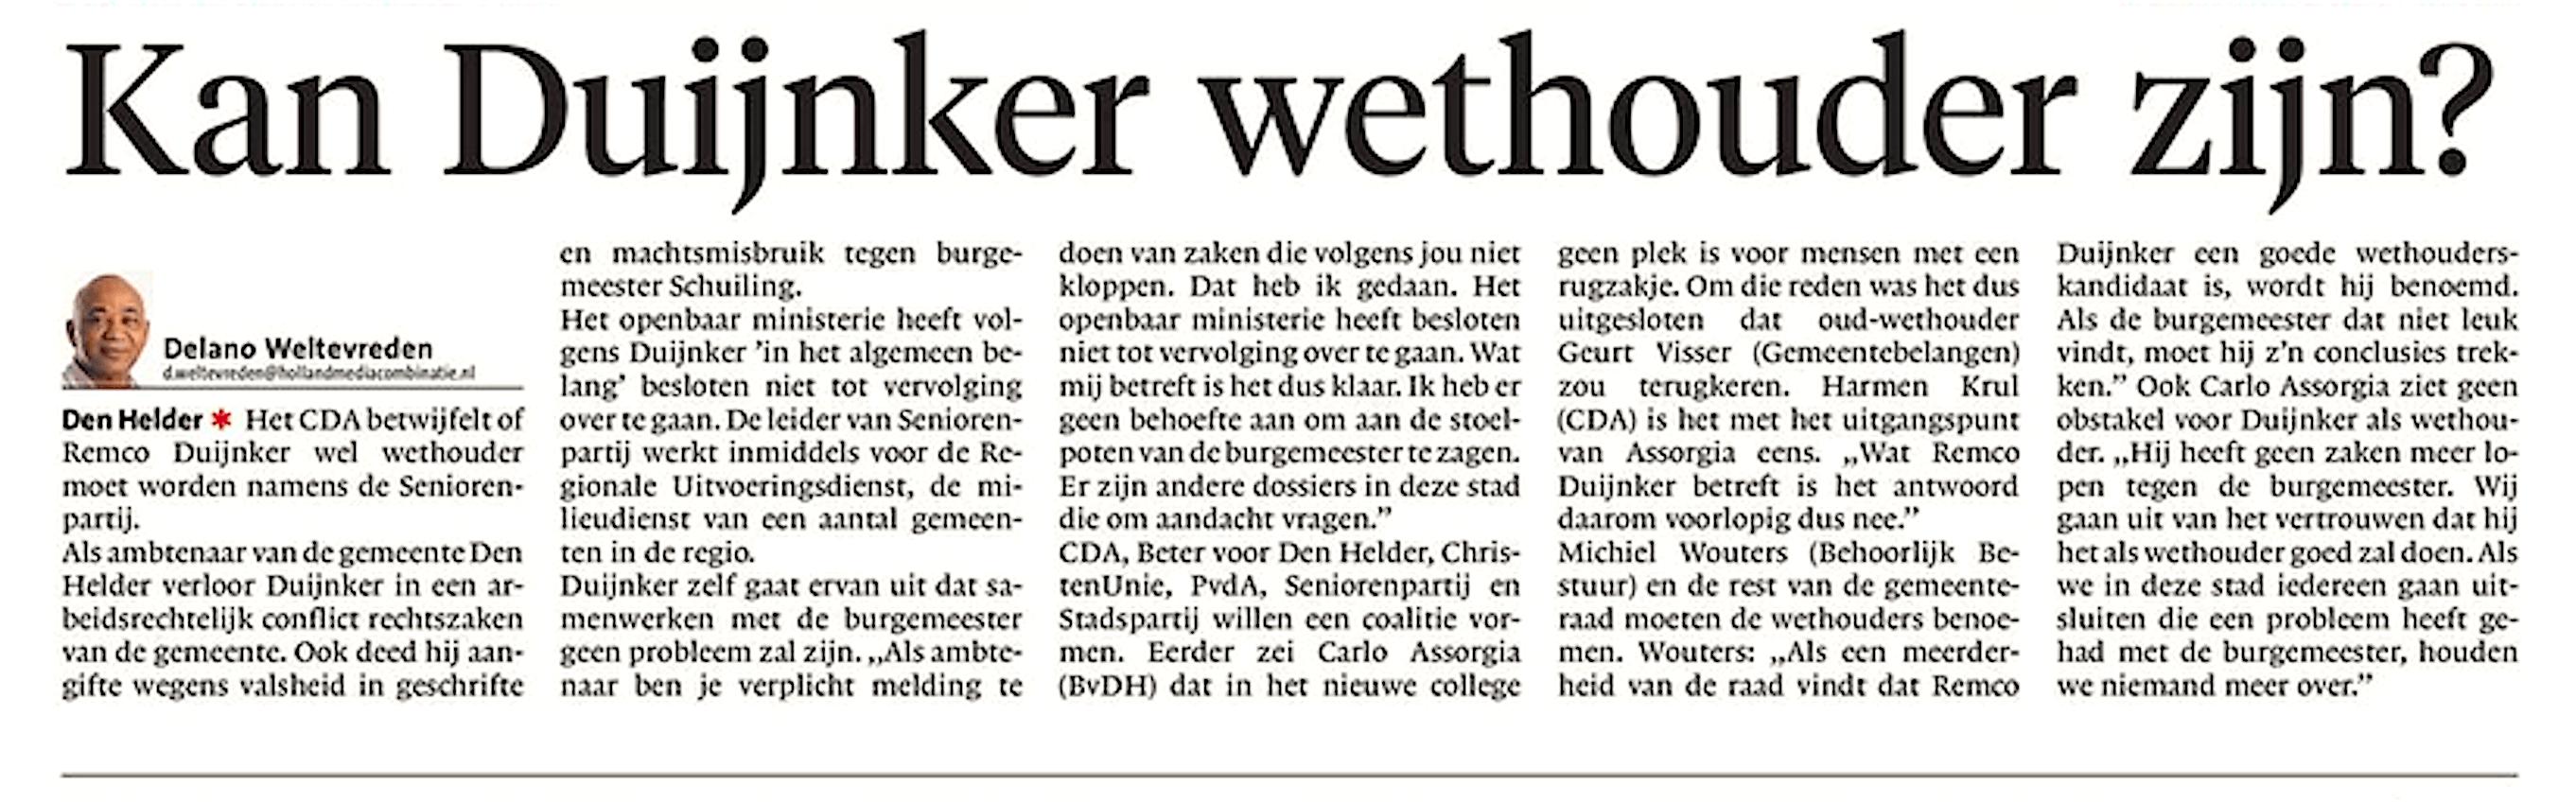 Helderse Courant, 29 maart 2018